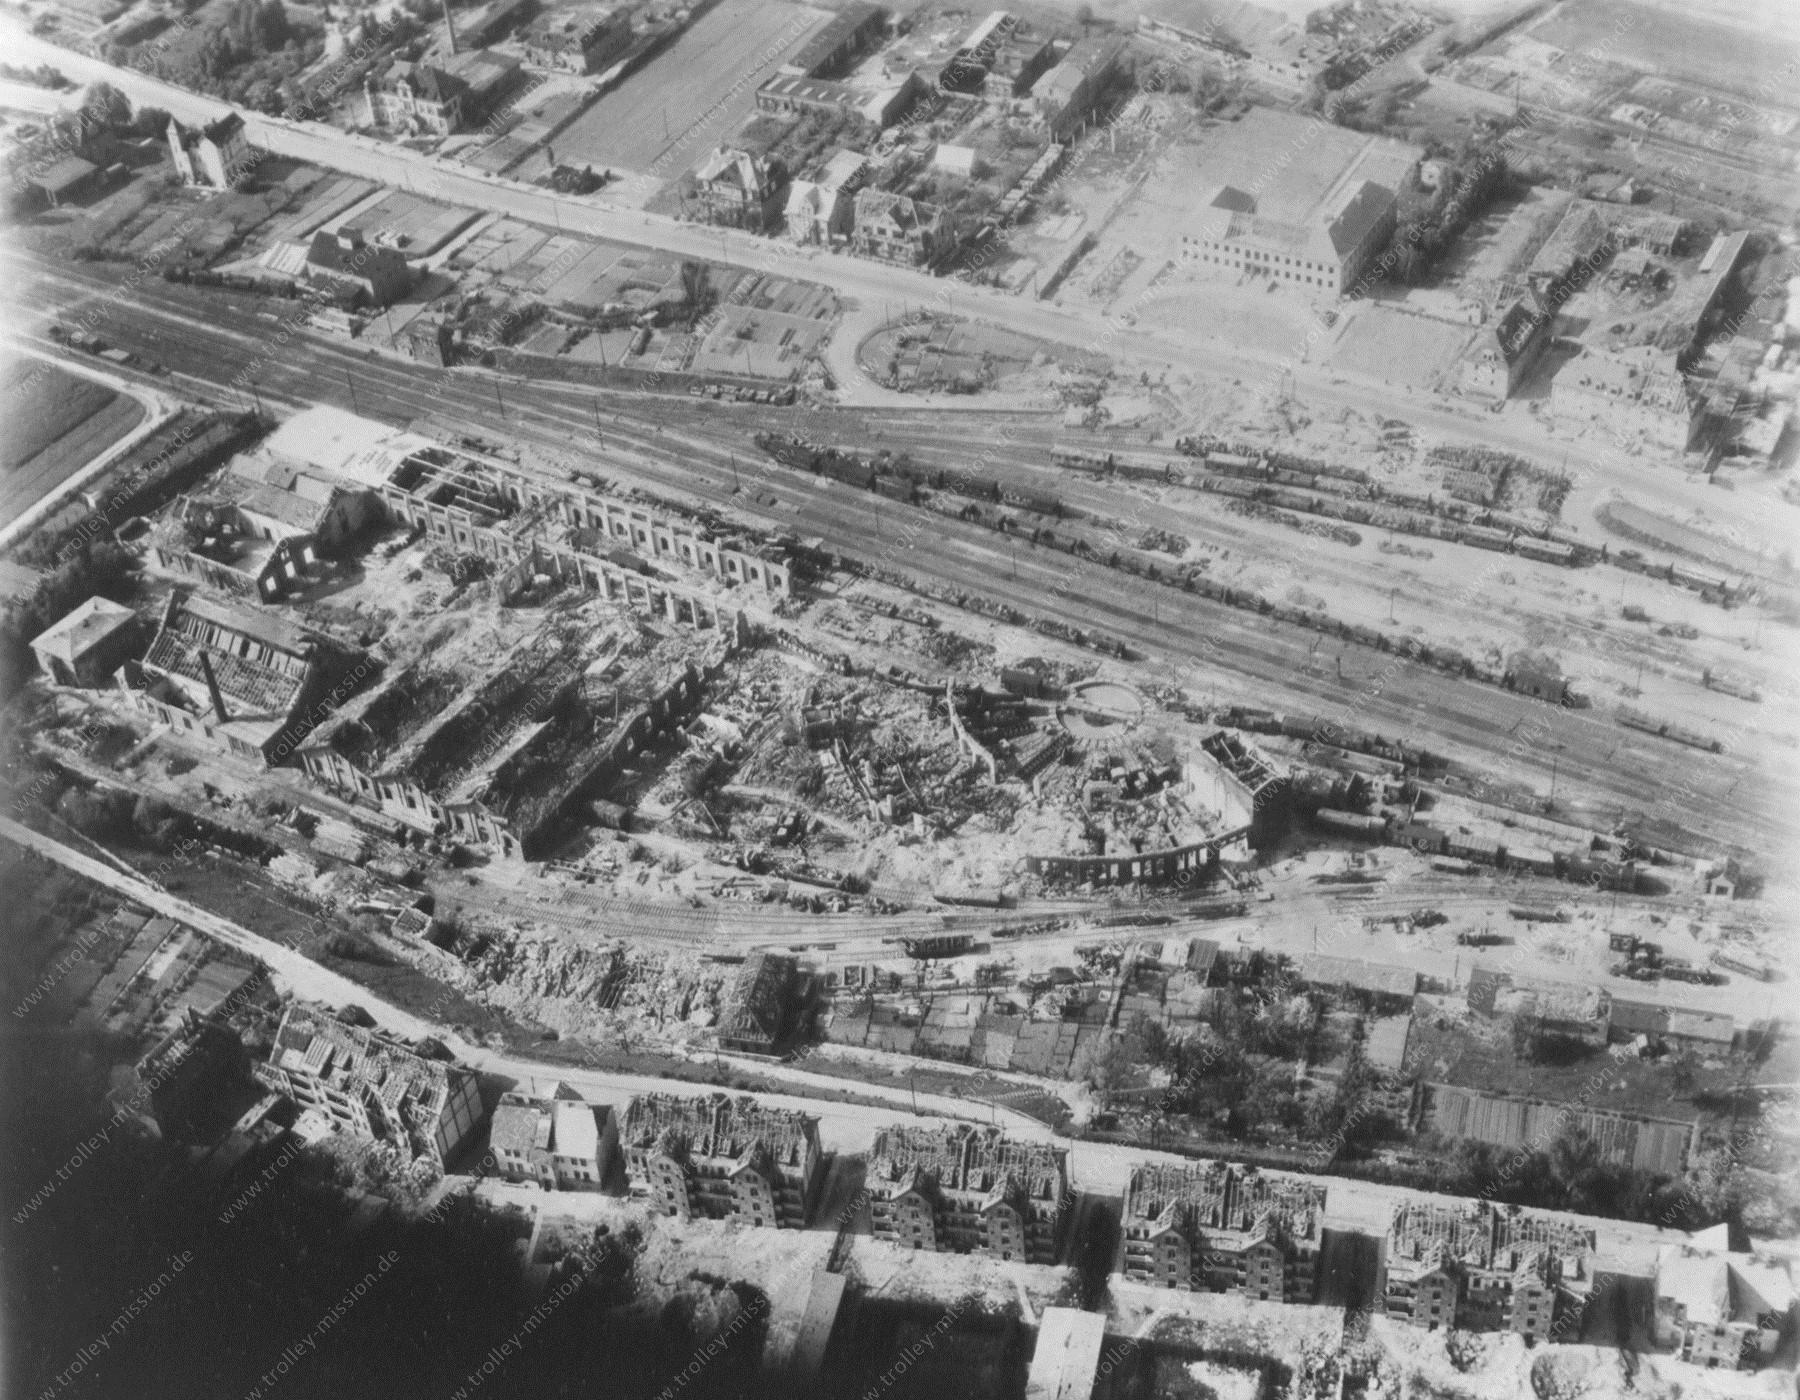 Luftaufnahme Bahnhof Eschwege aus dem Mai 1945 mit zerstörtem Lokschuppen und Bahnbetriebswerk